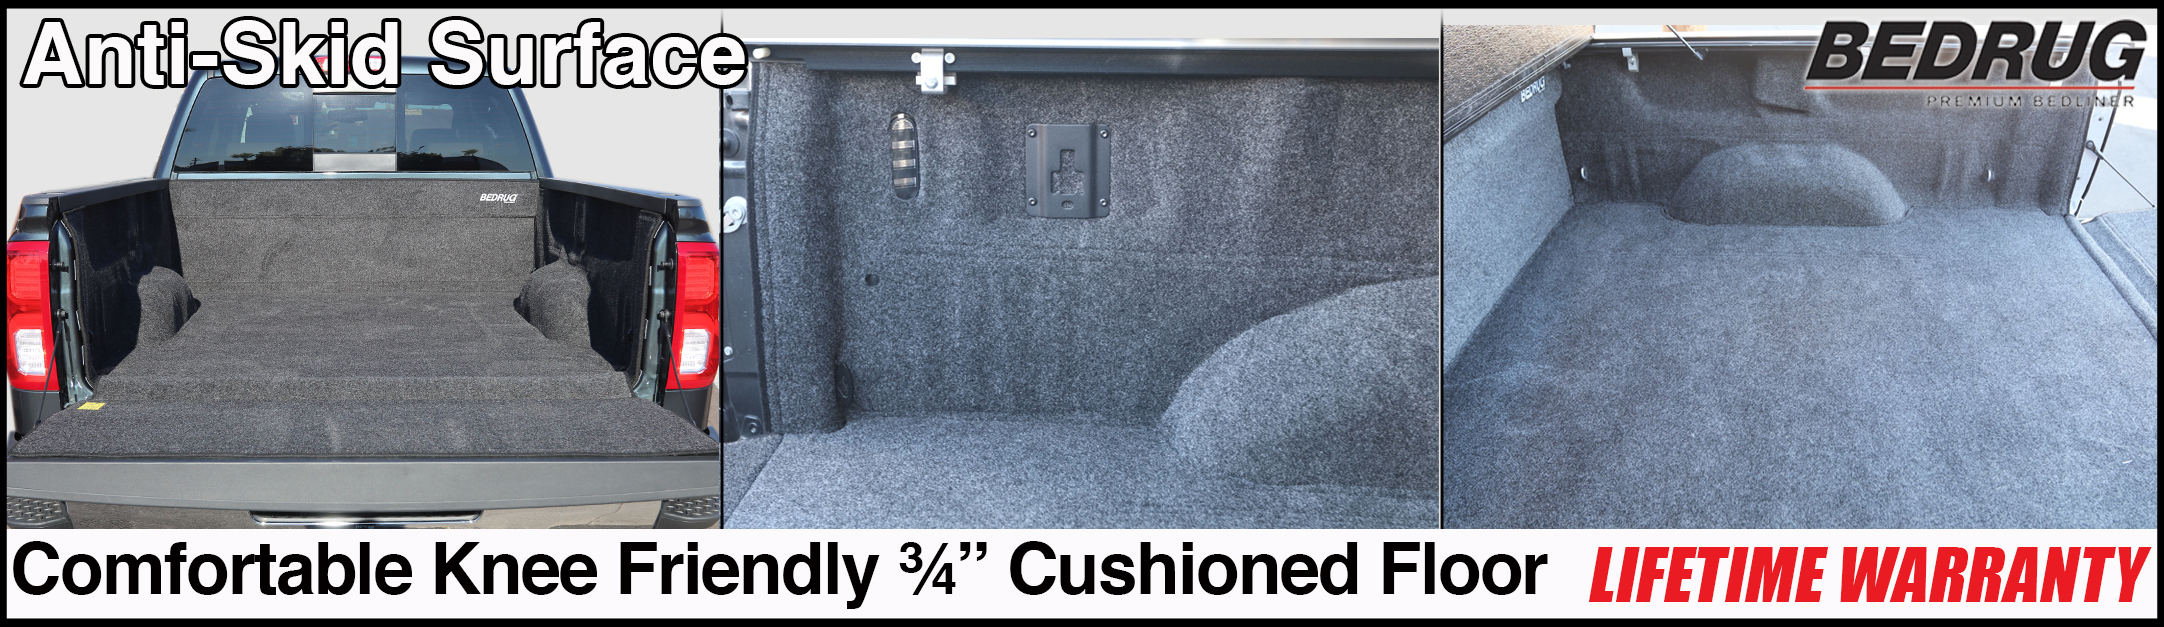 bedrug pickup truck bed liner